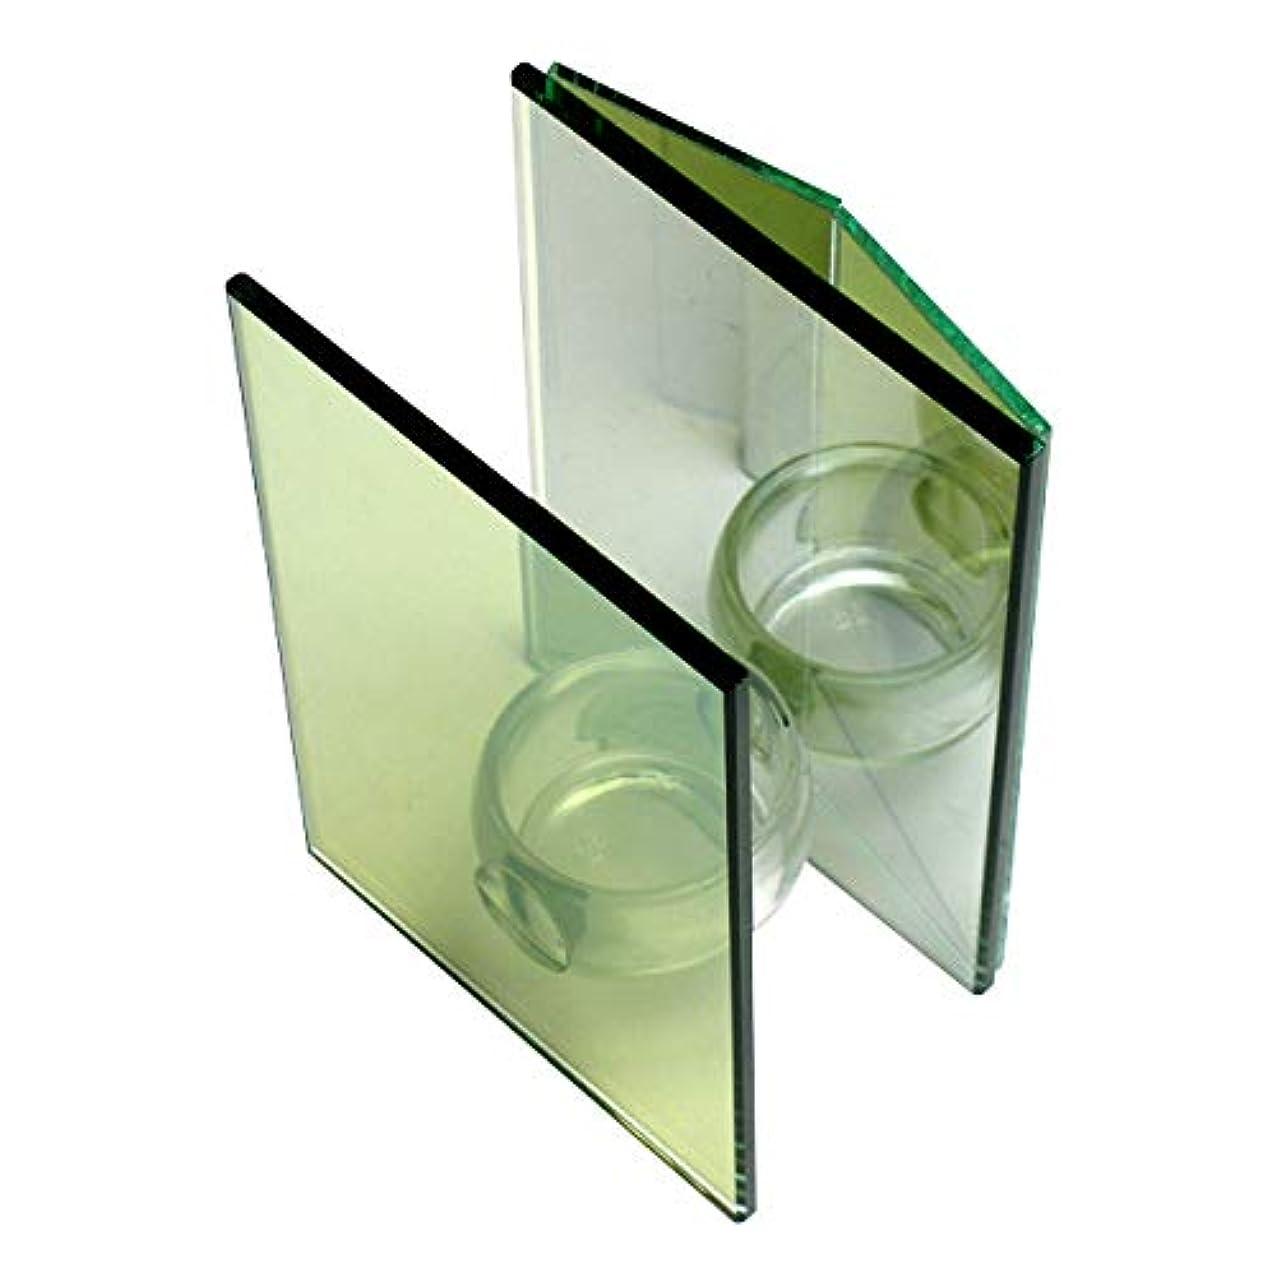 ダーベビルのテス回る表向き無限連鎖キャンドルホルダー ダブルミラー ガラス キャンドルスタンド ランタン 誕生日 ティーライトキャンドル